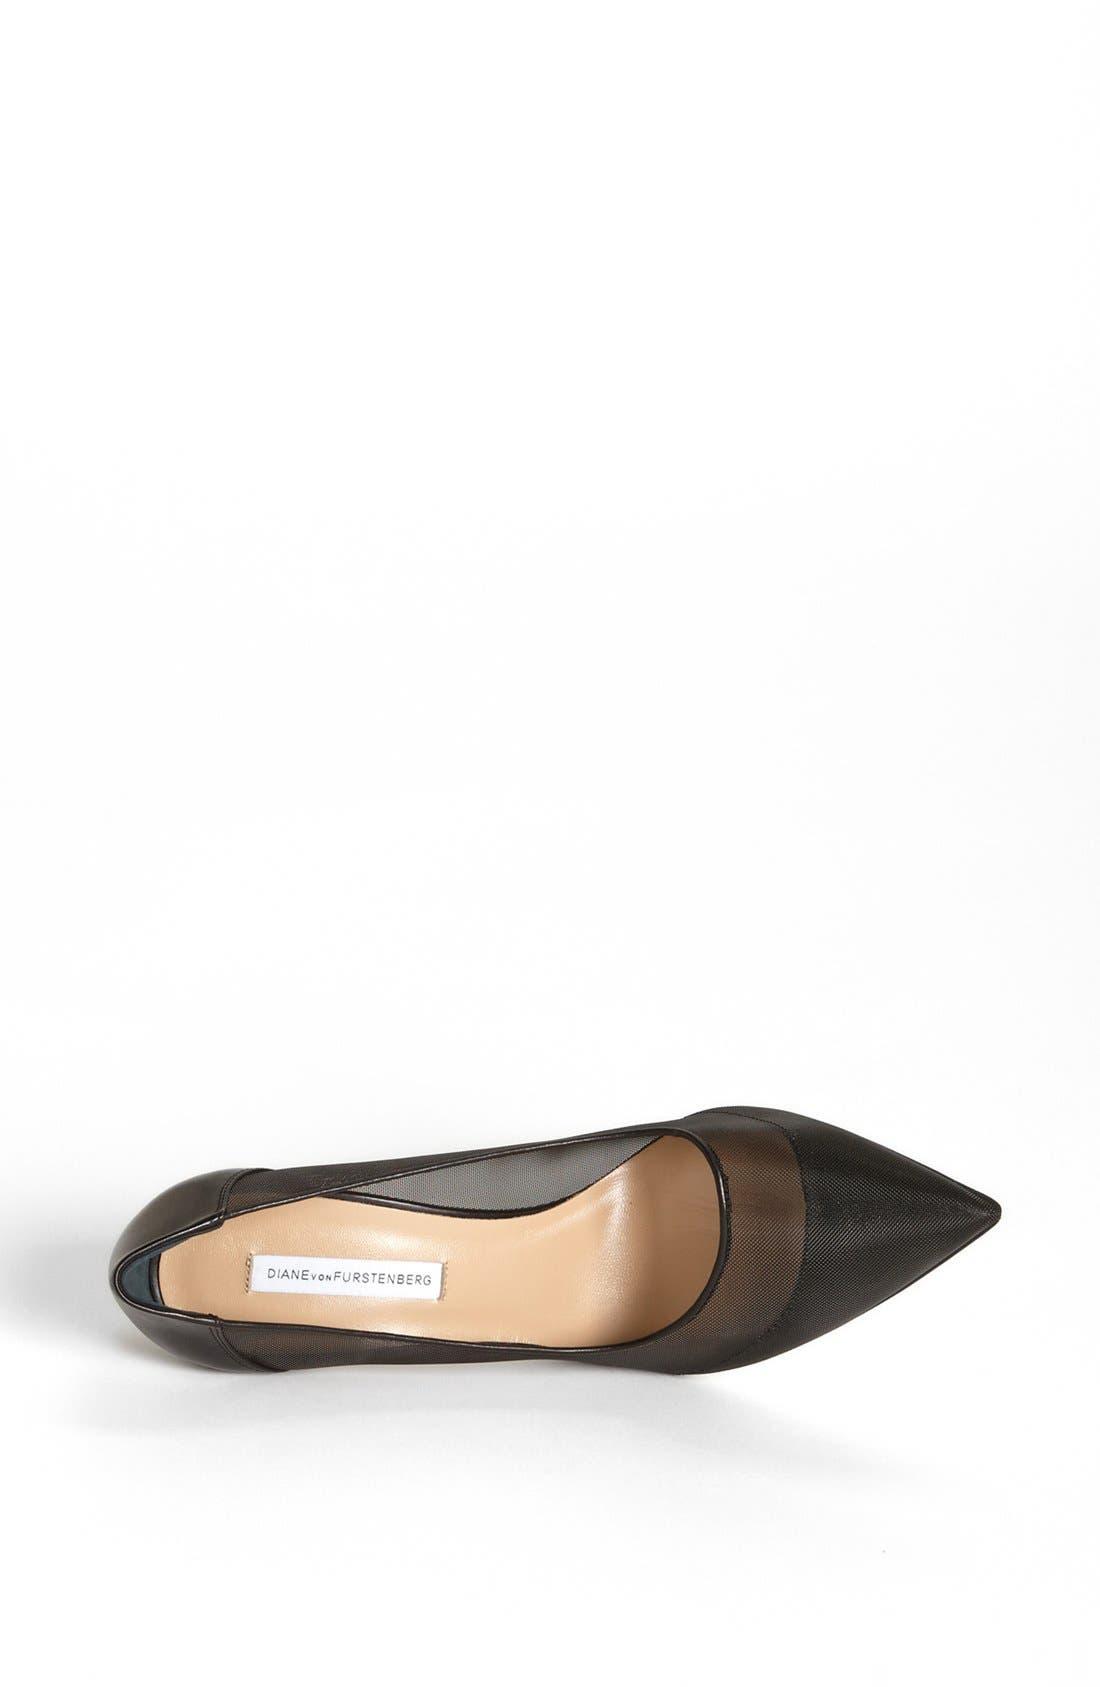 Alternate Image 3  - Diane von Furstenberg 'Bianca' Mesh & Leather Pump